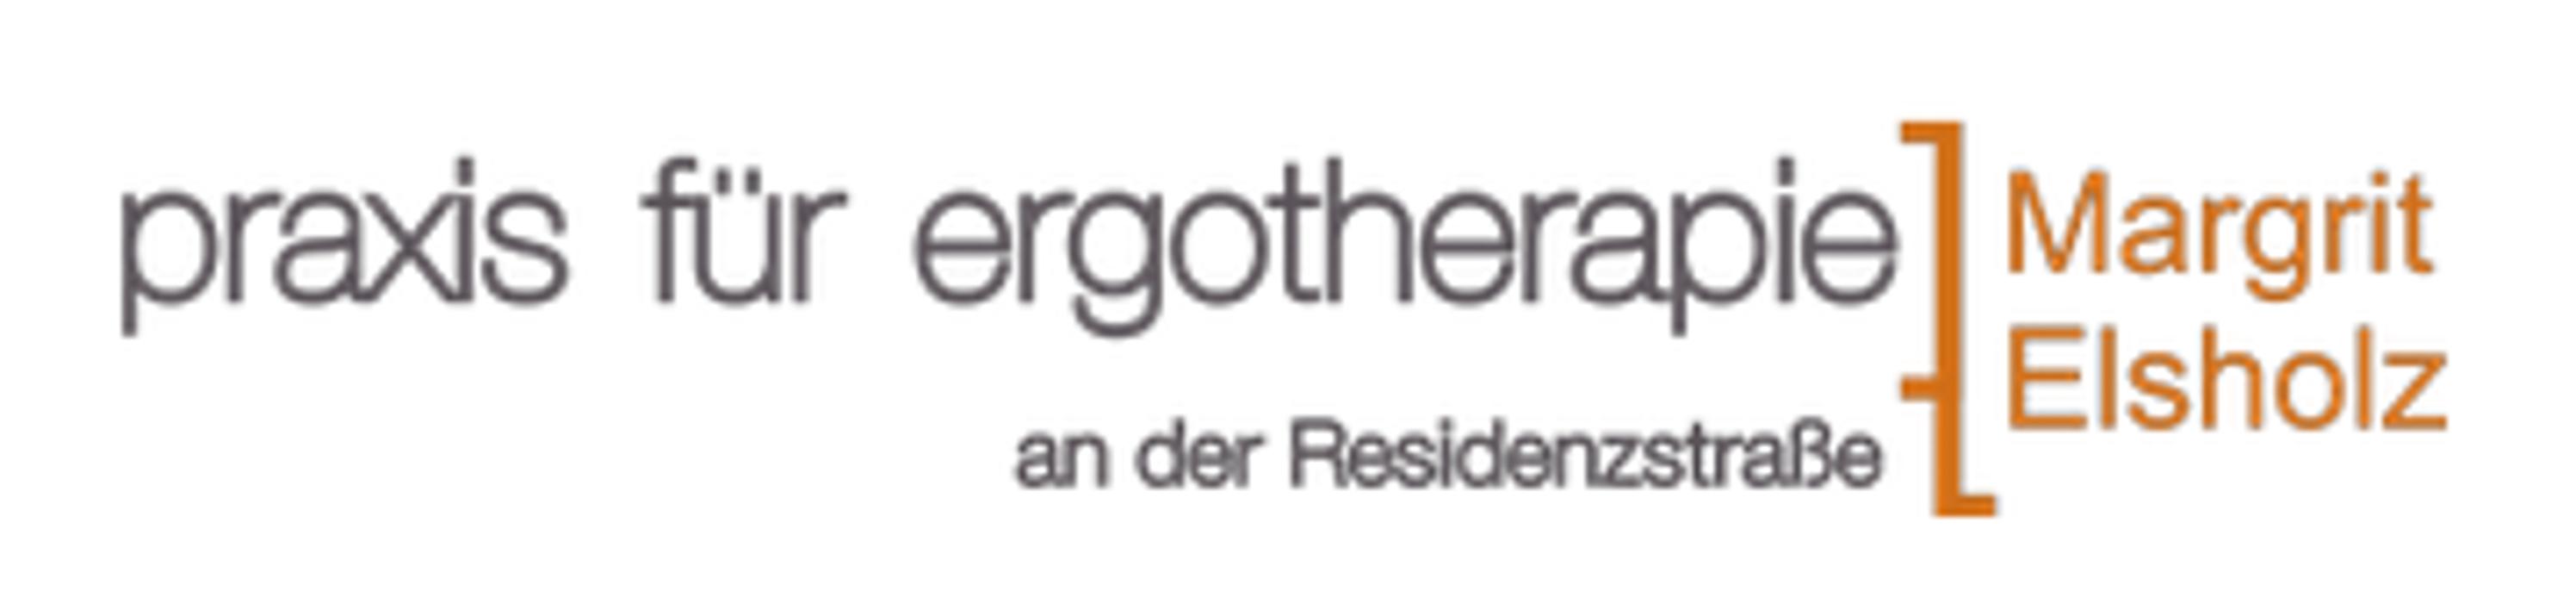 Bild zu Praxis für Ergotherapie - Margrit Elsholz in Berlin